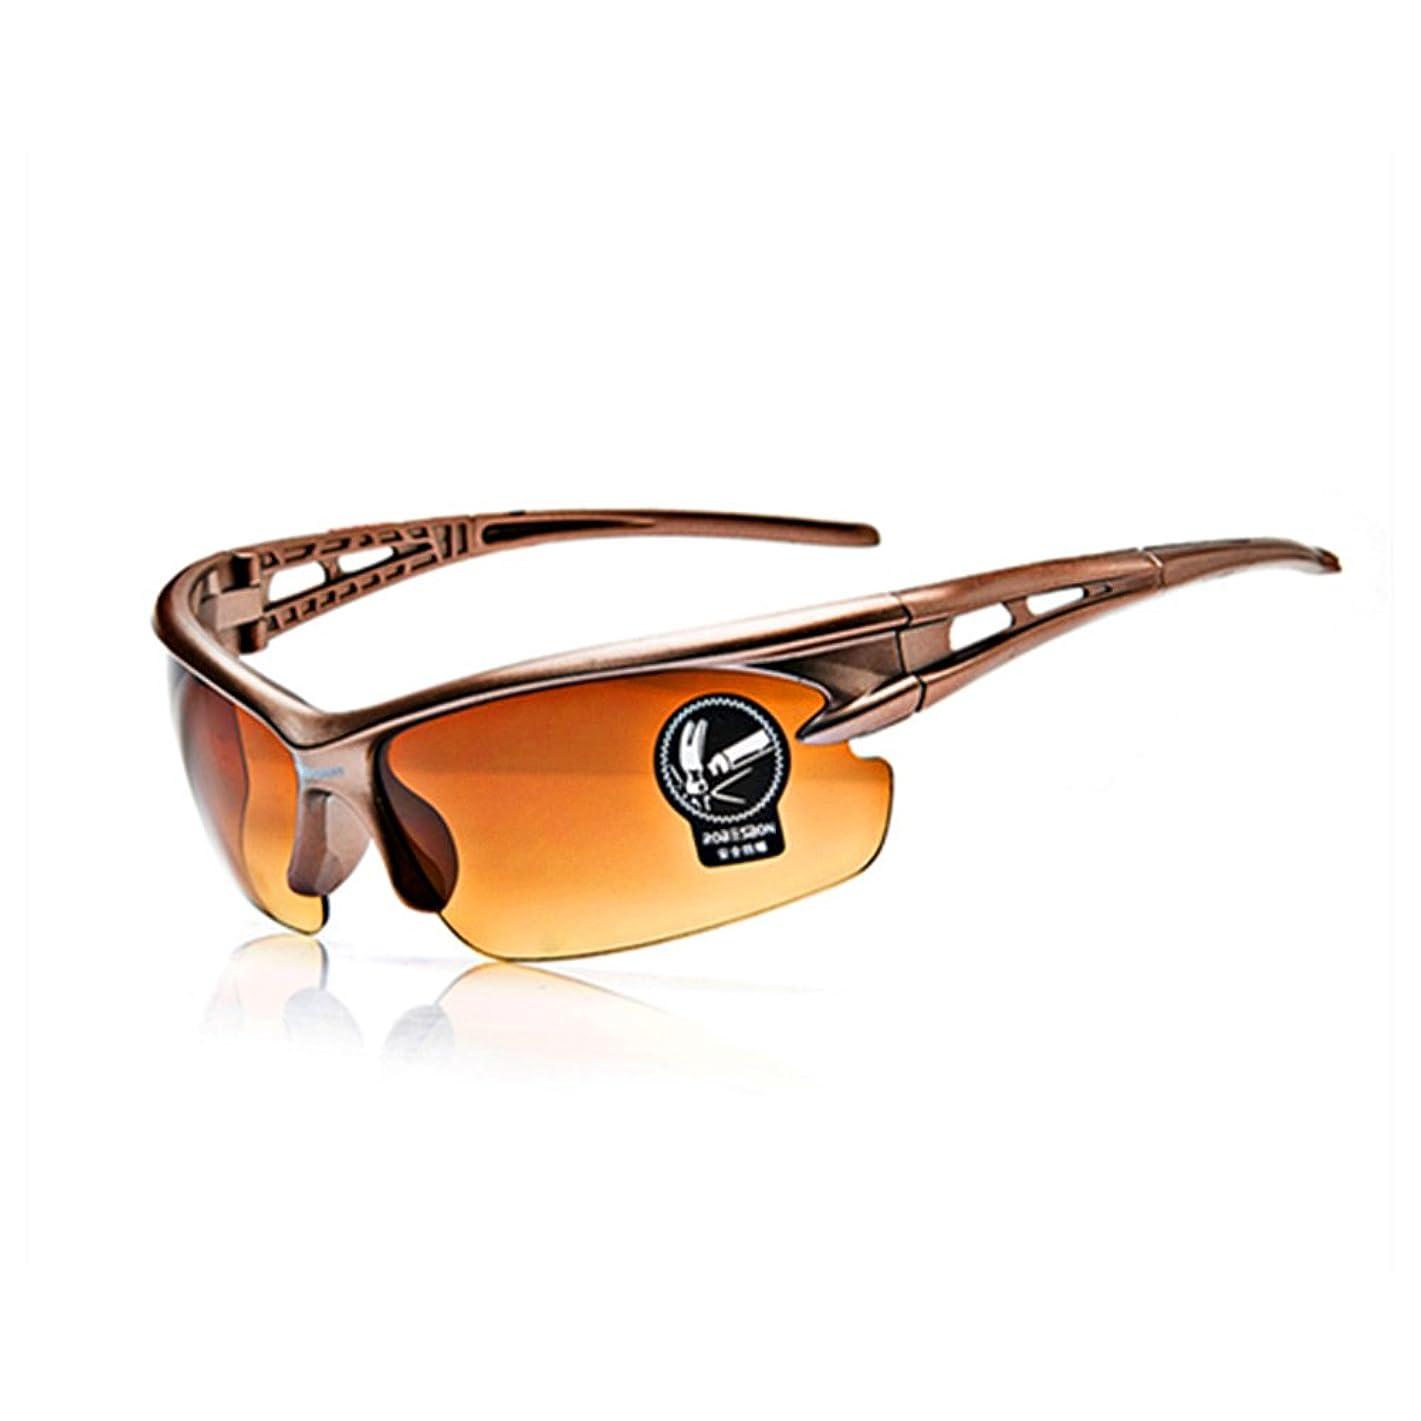 直面するまで良心スポーツサングラス 400 紫外線カット紫外線レンズ 偏光 防爆 スポーツサングラス 自転車 釣り 野球テニス スキーランニング ゴルフ ドライブ 運動メガ(クリアレンズ)